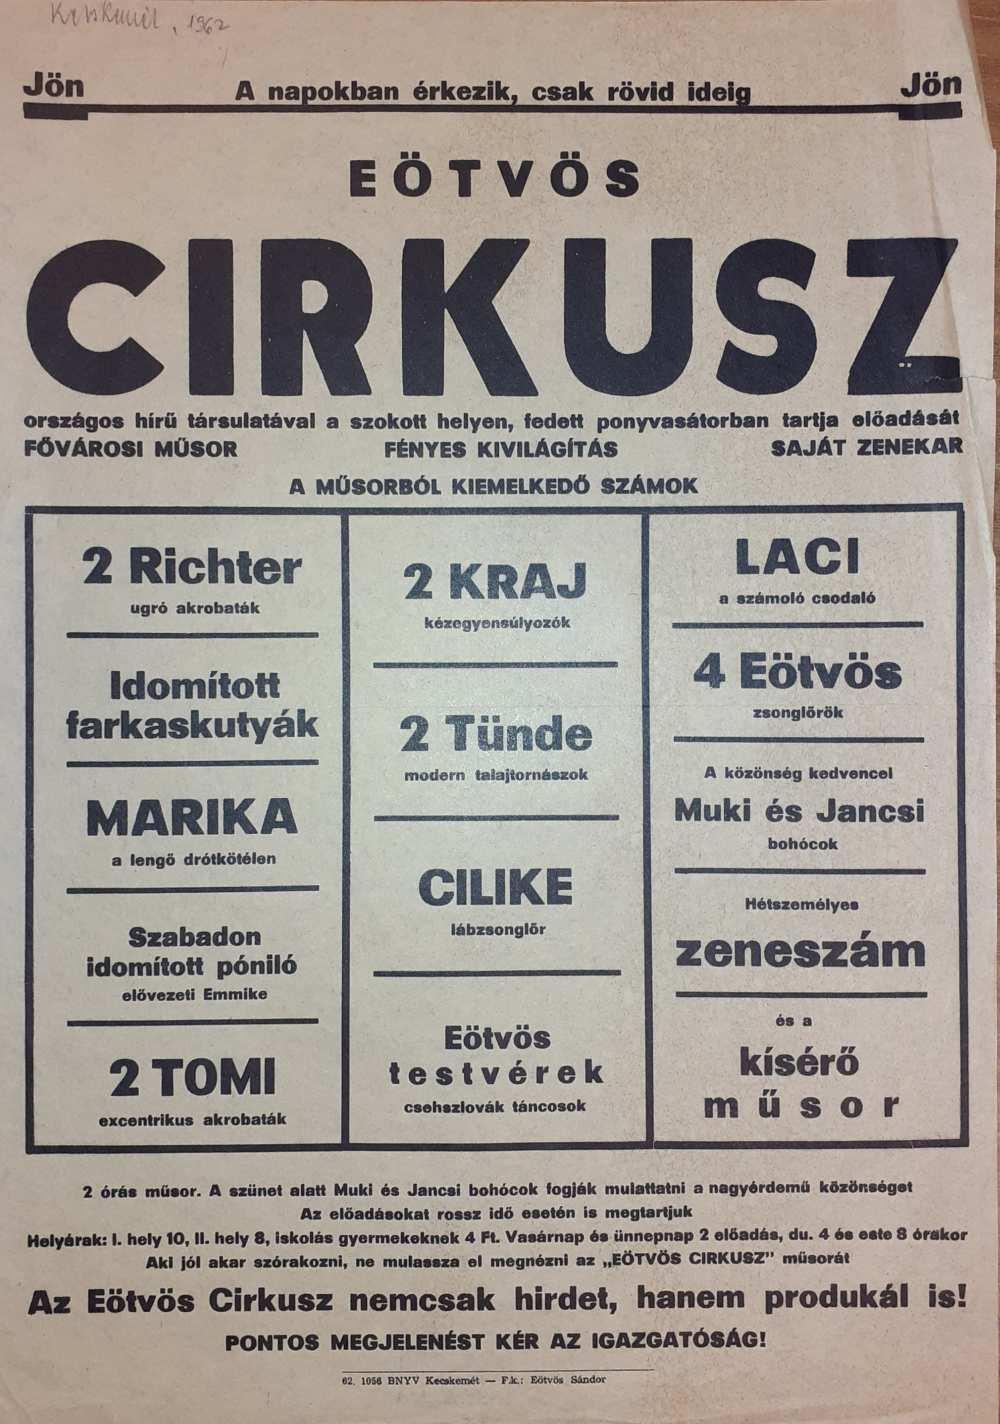 Az Eötvös Cirkusz színlapja. Kecskemét, 1962. – Színháztörténeti és Zeneműtár